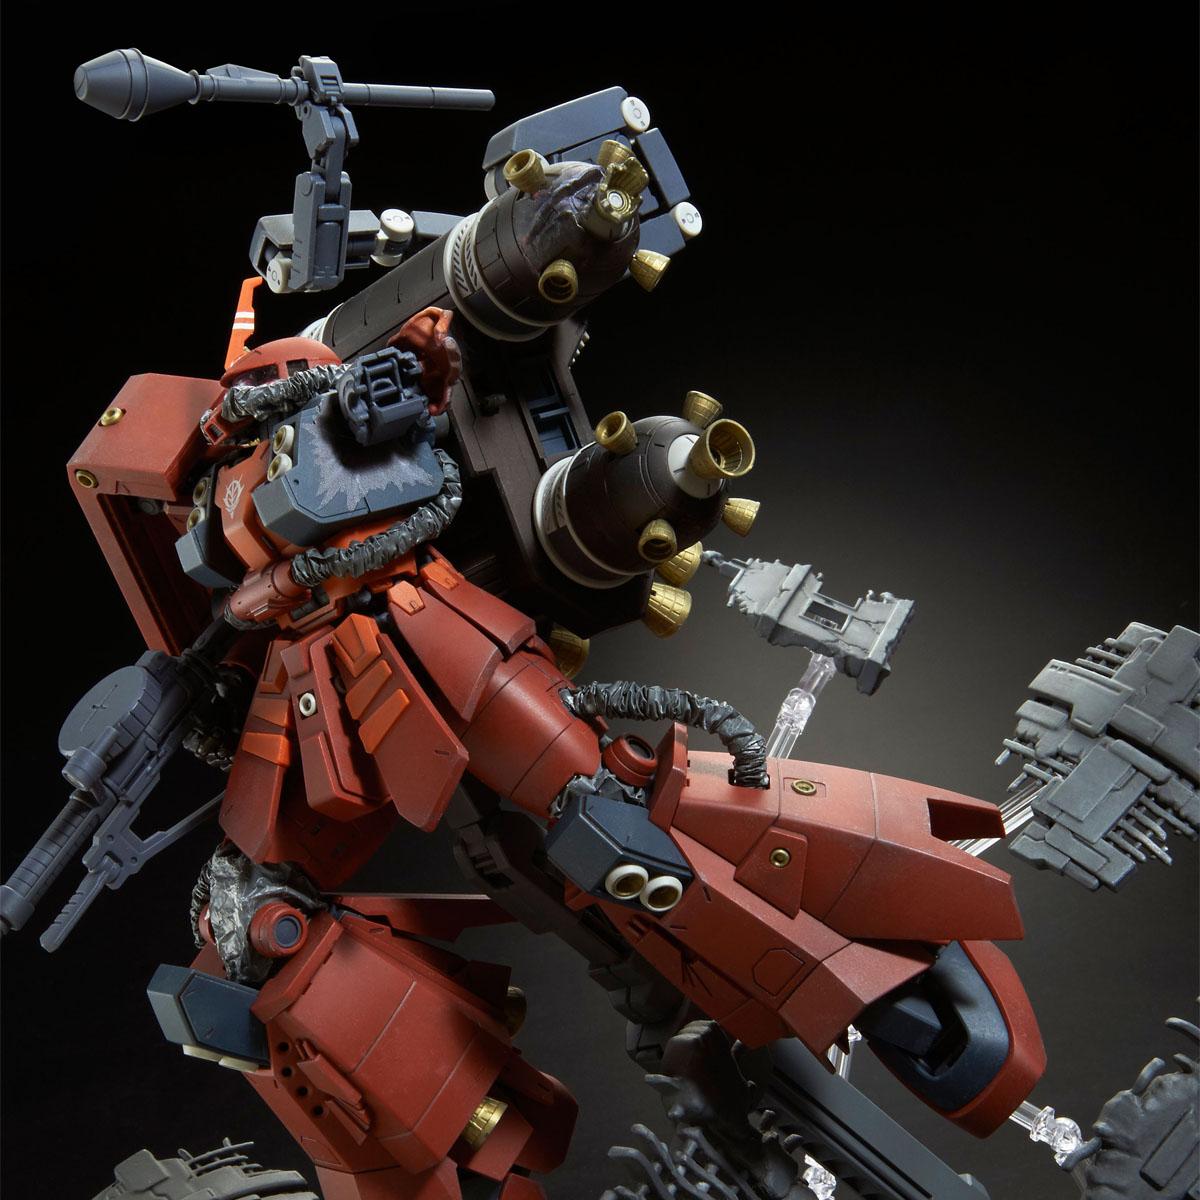 """MG 1/100 MS-06R 高機動型ザク """"サイコ・ザク"""" (GUNDAM THUNDERBOLT版) ラストセッションVer. [Zaku II High Mobility Type """"Psycho Zaku"""" (Gundam Thunderbolt) Last Session Ver.]"""